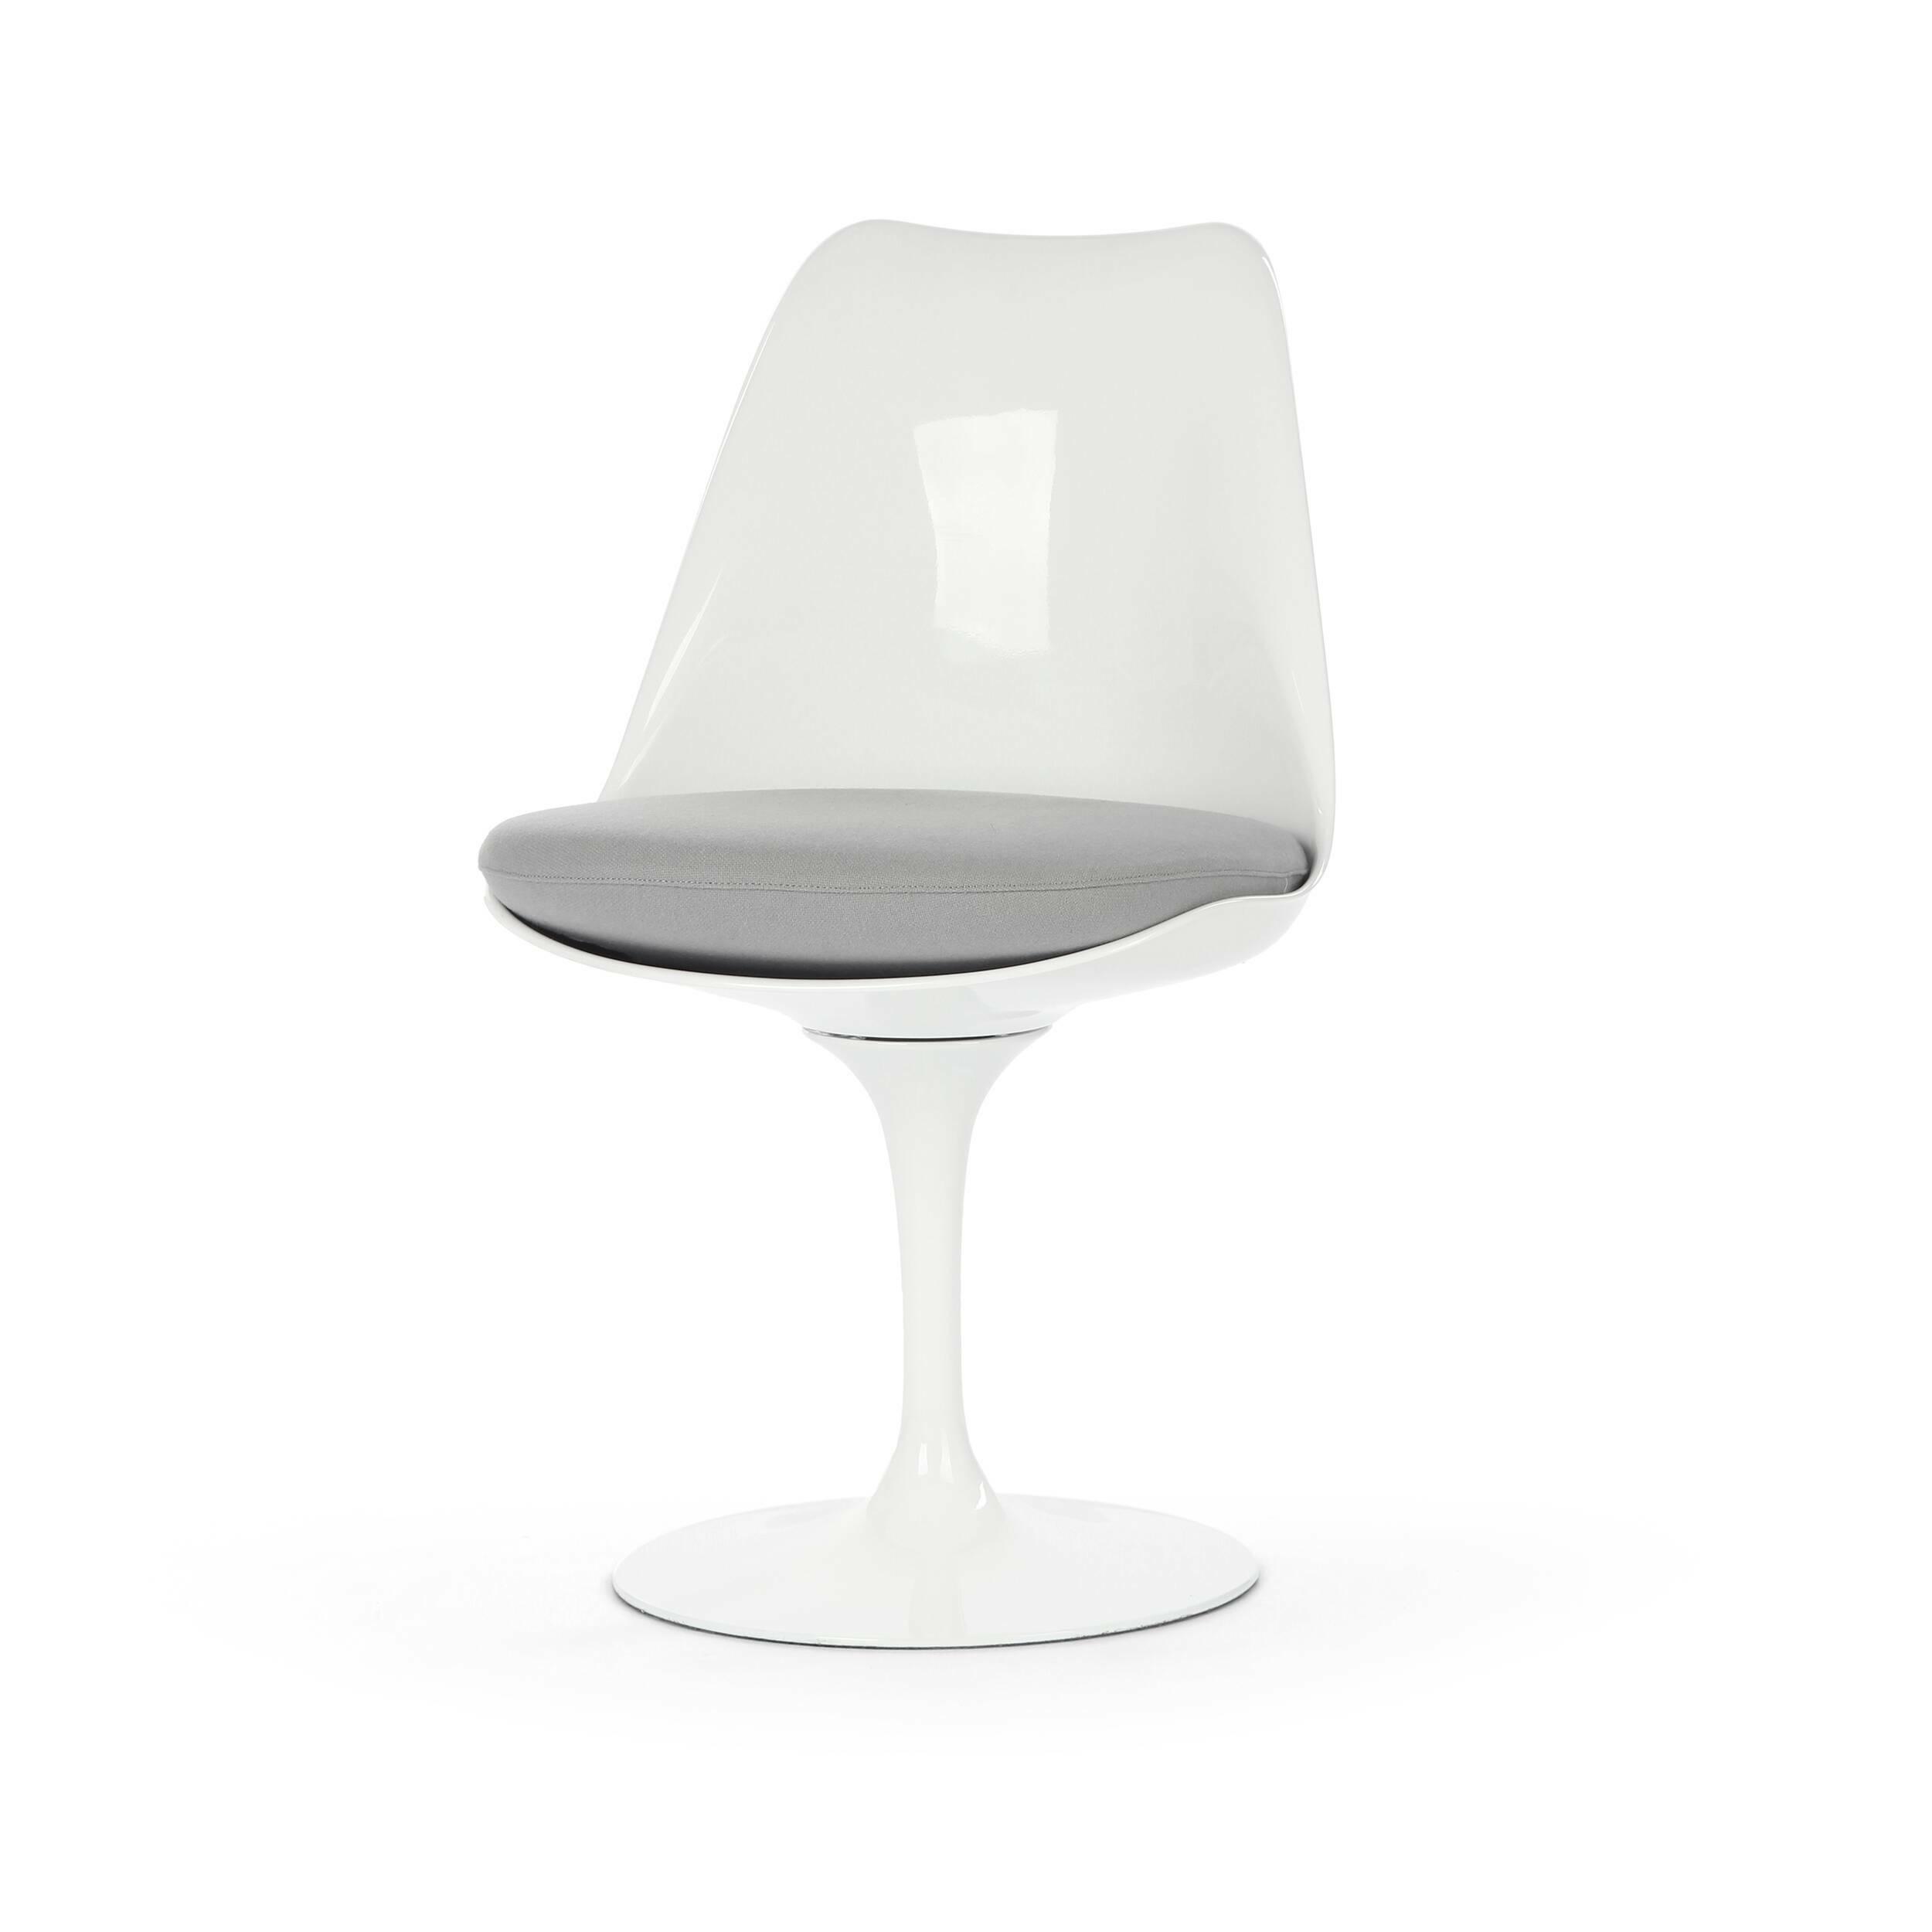 Стул TulipИнтерьерные<br>Дизайнерский стул Tulip (Тьюлип) из стекловолокна на алюминиевой ножке от Cosmo (Космо).<br><br> Стул Tulip — это один из самых знаменитых предметов мебели, он был разработан в 1958 году Ээро Саариненом. Поистине футуристический дизайн и классика модерна. Первый в мире одноногий стул изменил будущее дизайна мебели. Формой стул напоминает бокал или, как видно из названия, — тюльпан. Уникальное основание постамента обеспечивает устойчивость и выглядит эстетически привлекательным. Избавив стул от тр...<br><br>stock: 3<br>Высота: 81<br>Высота сиденья: 46<br>Ширина: 49,5<br>Глубина: 53<br>Цвет ножек: Белый глянец<br>Механизмы: Поворотная функция<br>Тип материала каркаса: Стекловолокно<br>Материал сидения: Шерсть, Нейлон<br>Цвет сидения: Светло-серый<br>Тип материала сидения: Ткань<br>Коллекция ткани: T Fabric<br>Тип материала ножек: Алюминий<br>Цвет каркаса: Белый глянец